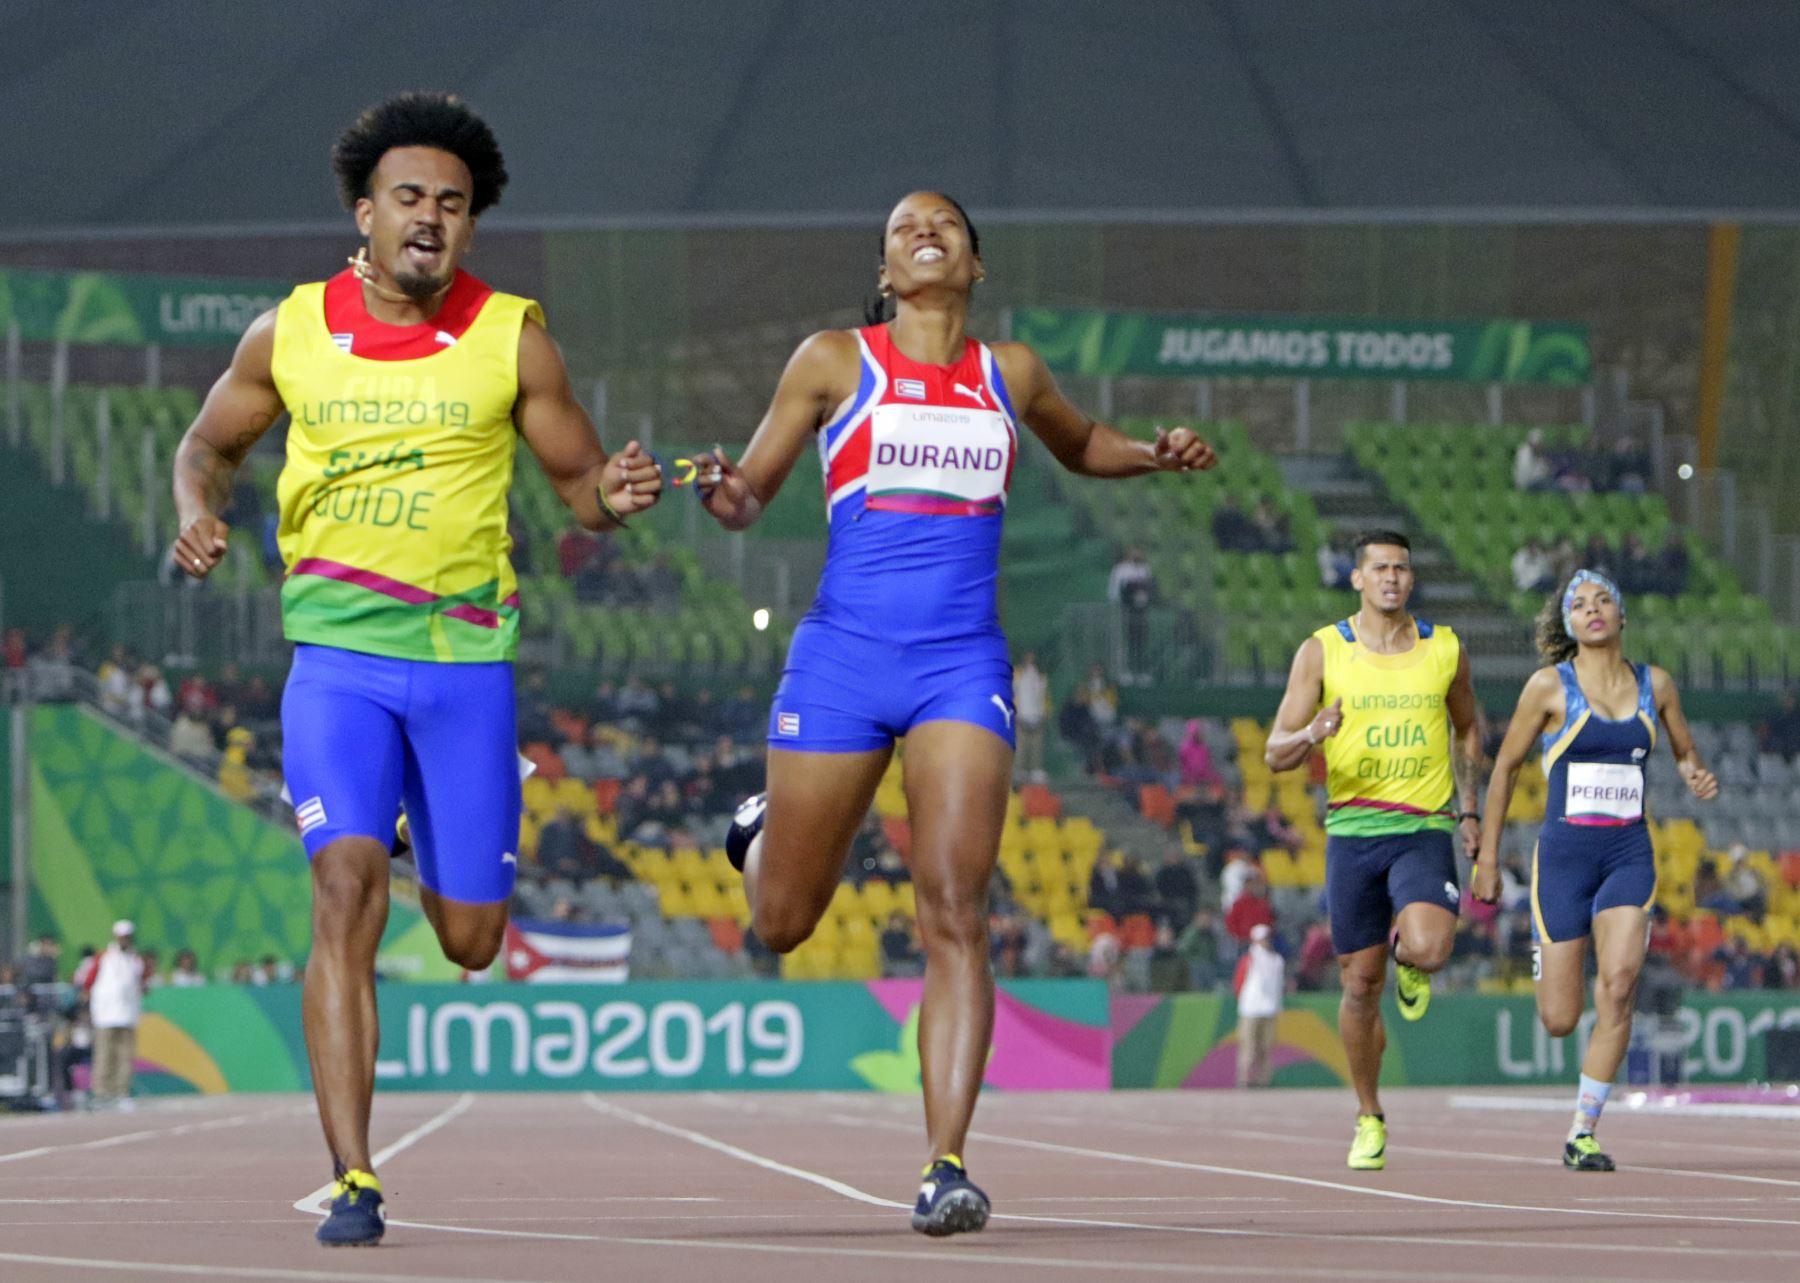 Omara Durand, La Para deportista más veloz del mundo ganó medalla de oro en los 200 metros. Foto: Lima 2019